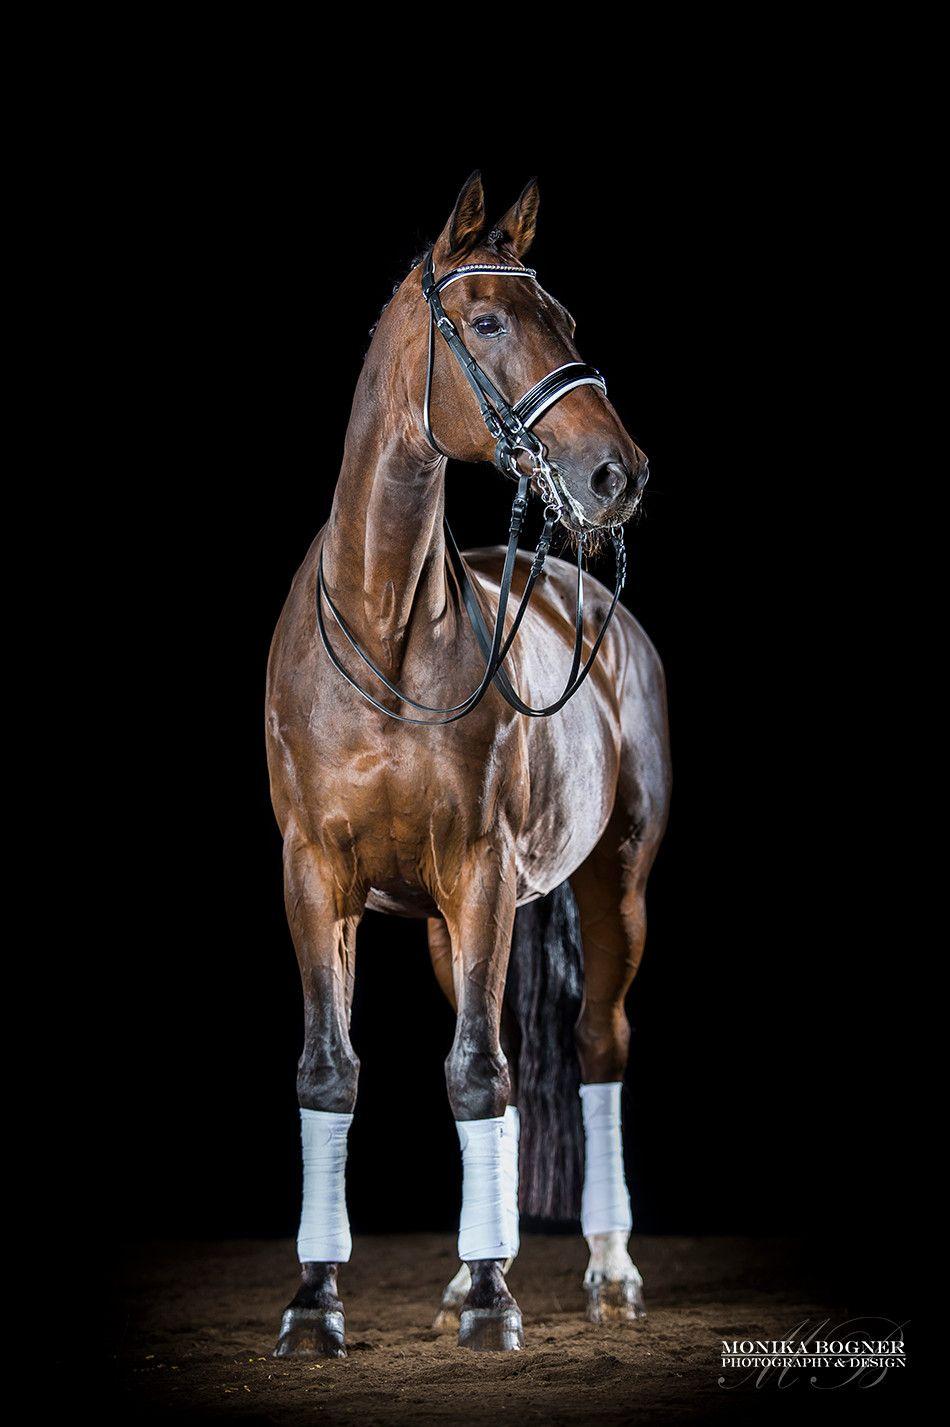 Beliebt Bevorzugt Pferde im Studio - professionelle Fotos vor schwarzem Hintergrund @NB_69